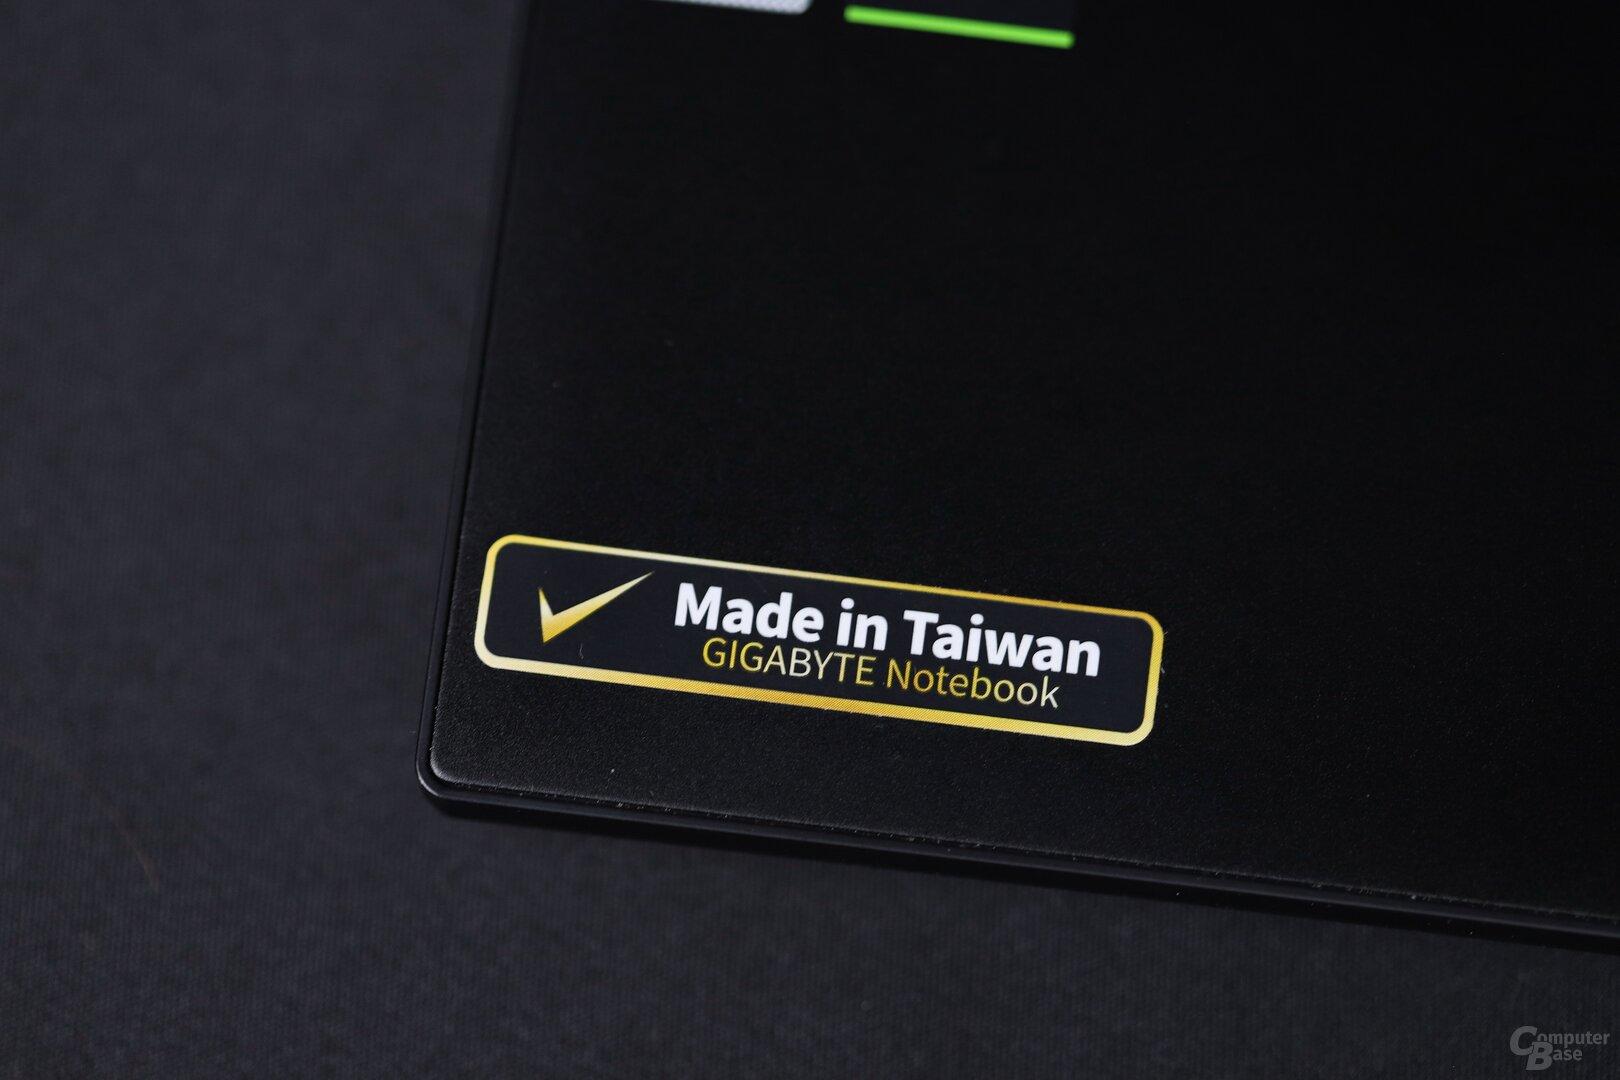 """تعلن جيجابايت عن """"صنع في تايوان"""" في Aero ، وليس في الصين"""